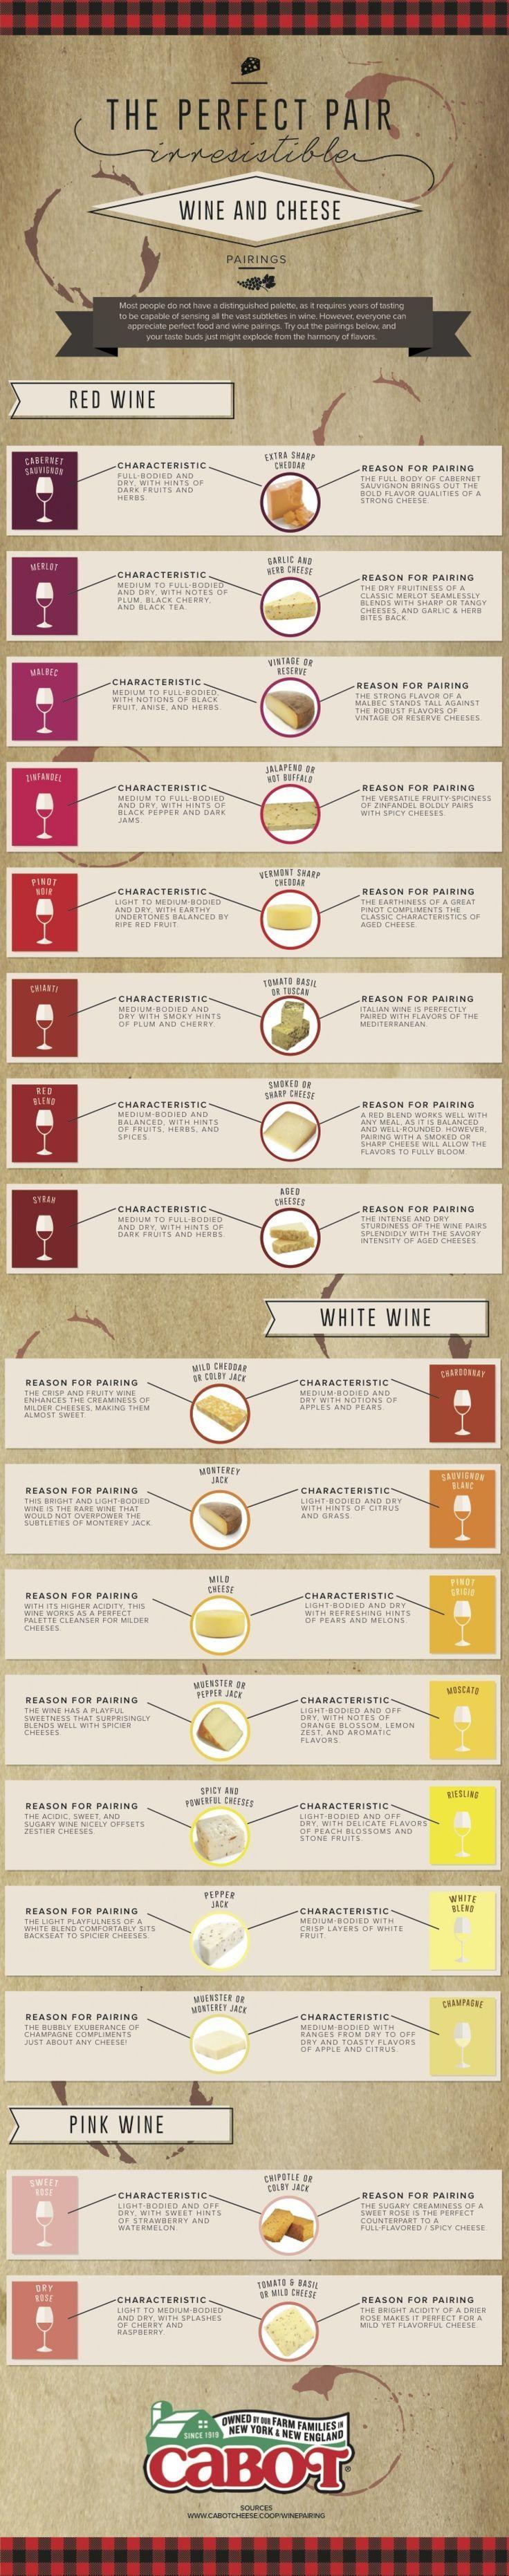 Wine-ing Wednesday: Pairing Wine and Cheese http://pellerini.com/2014/04/30/wine-ing-wednesday-pairing-wine-cheese/